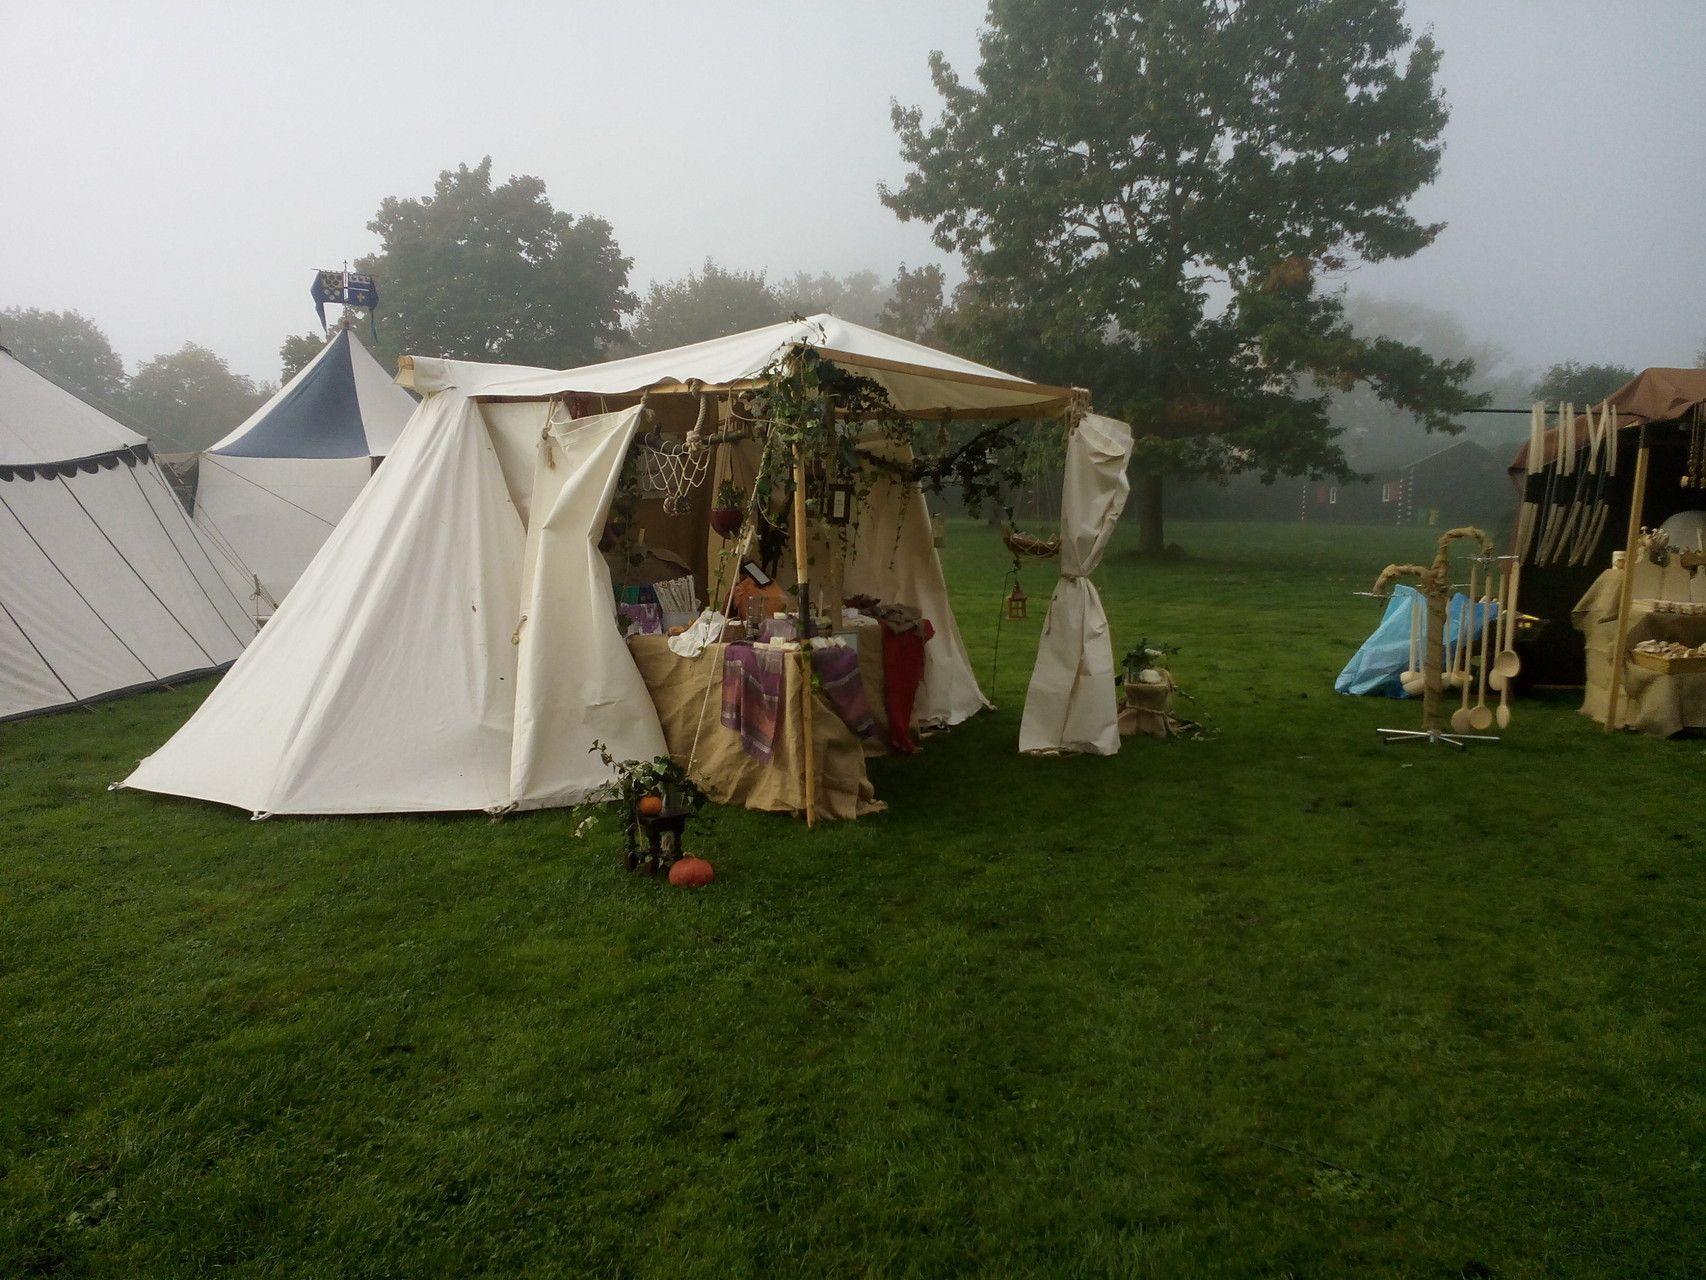 Märchen- und Sagenmarkt Loreley 2014. Das Bild entstand am frühen Morgen, noch lange, bevor die ersten Besucher kamen.